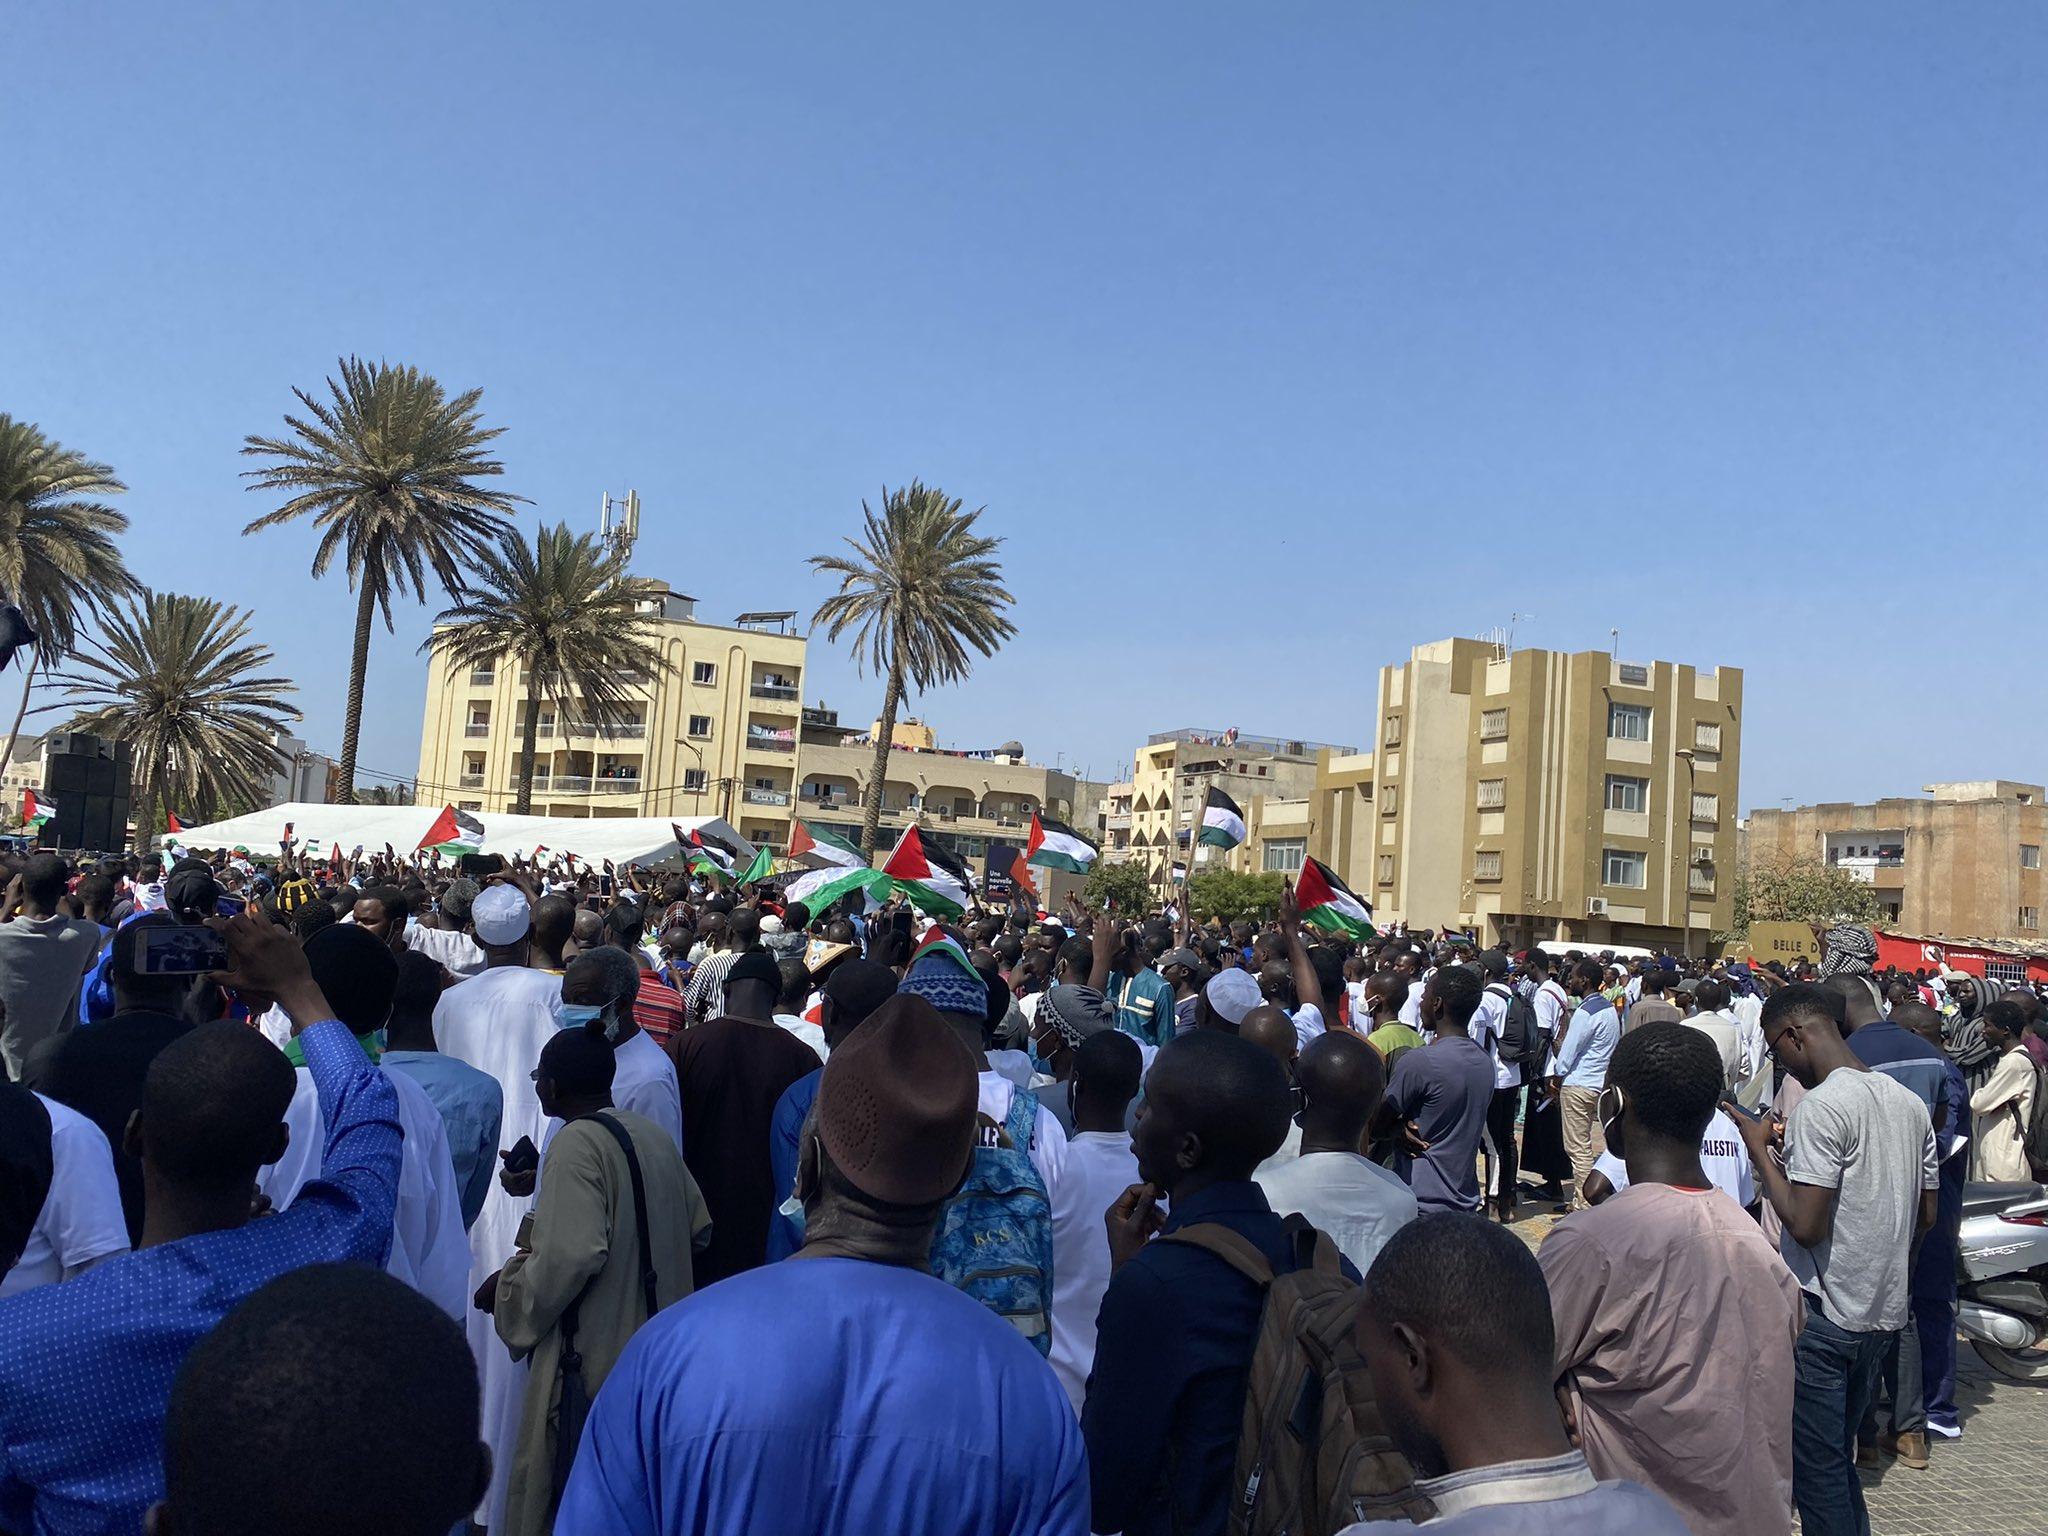 Mobilisation pour la cause palestinienne: des milliers de sénégalais ont répondu à l'appel.